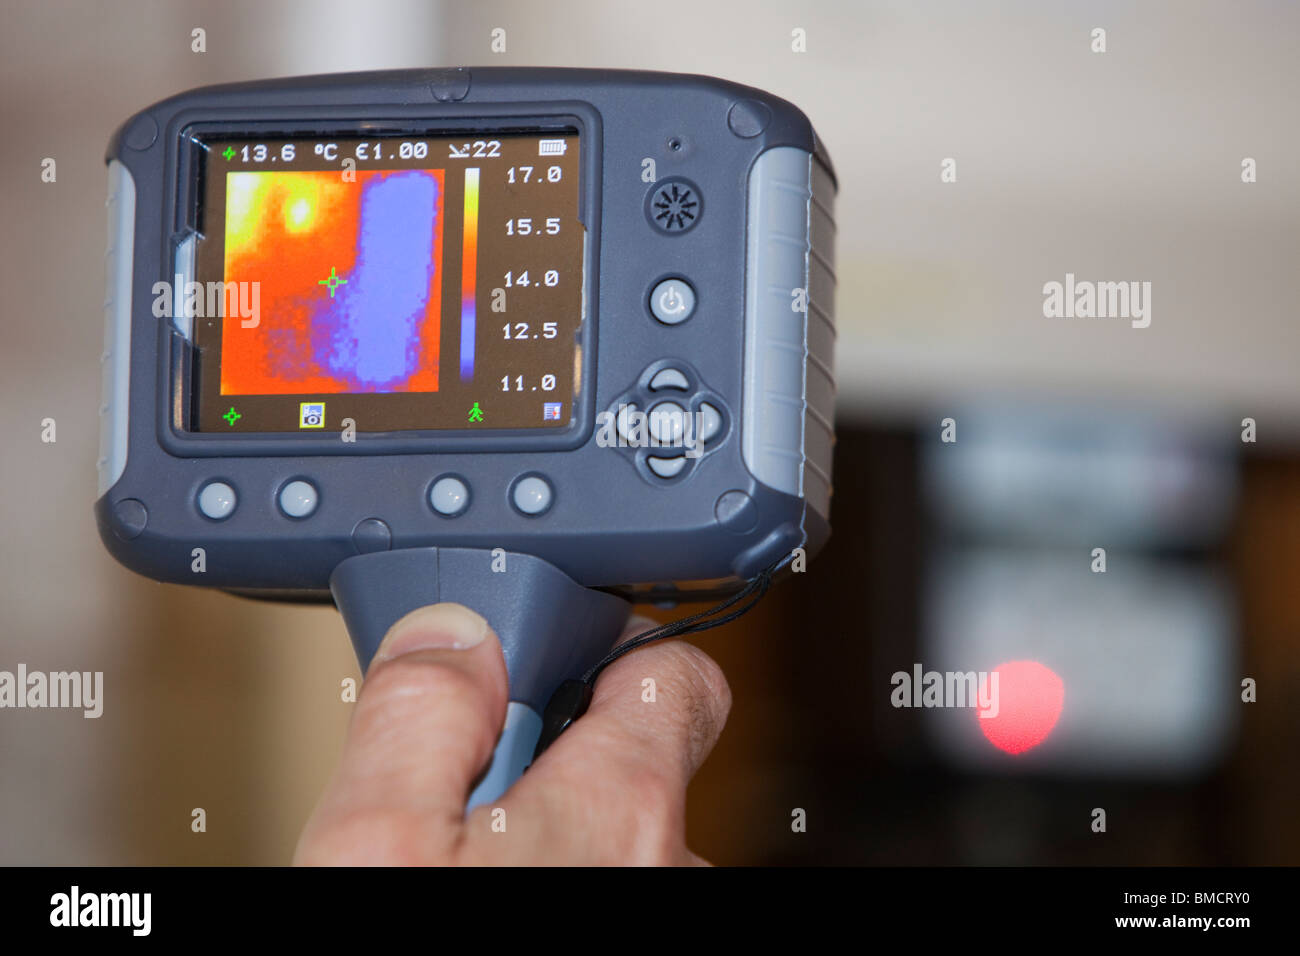 Une caméra à imagerie thermique montre la perte de chaleur des appareils électriques. Photo Stock